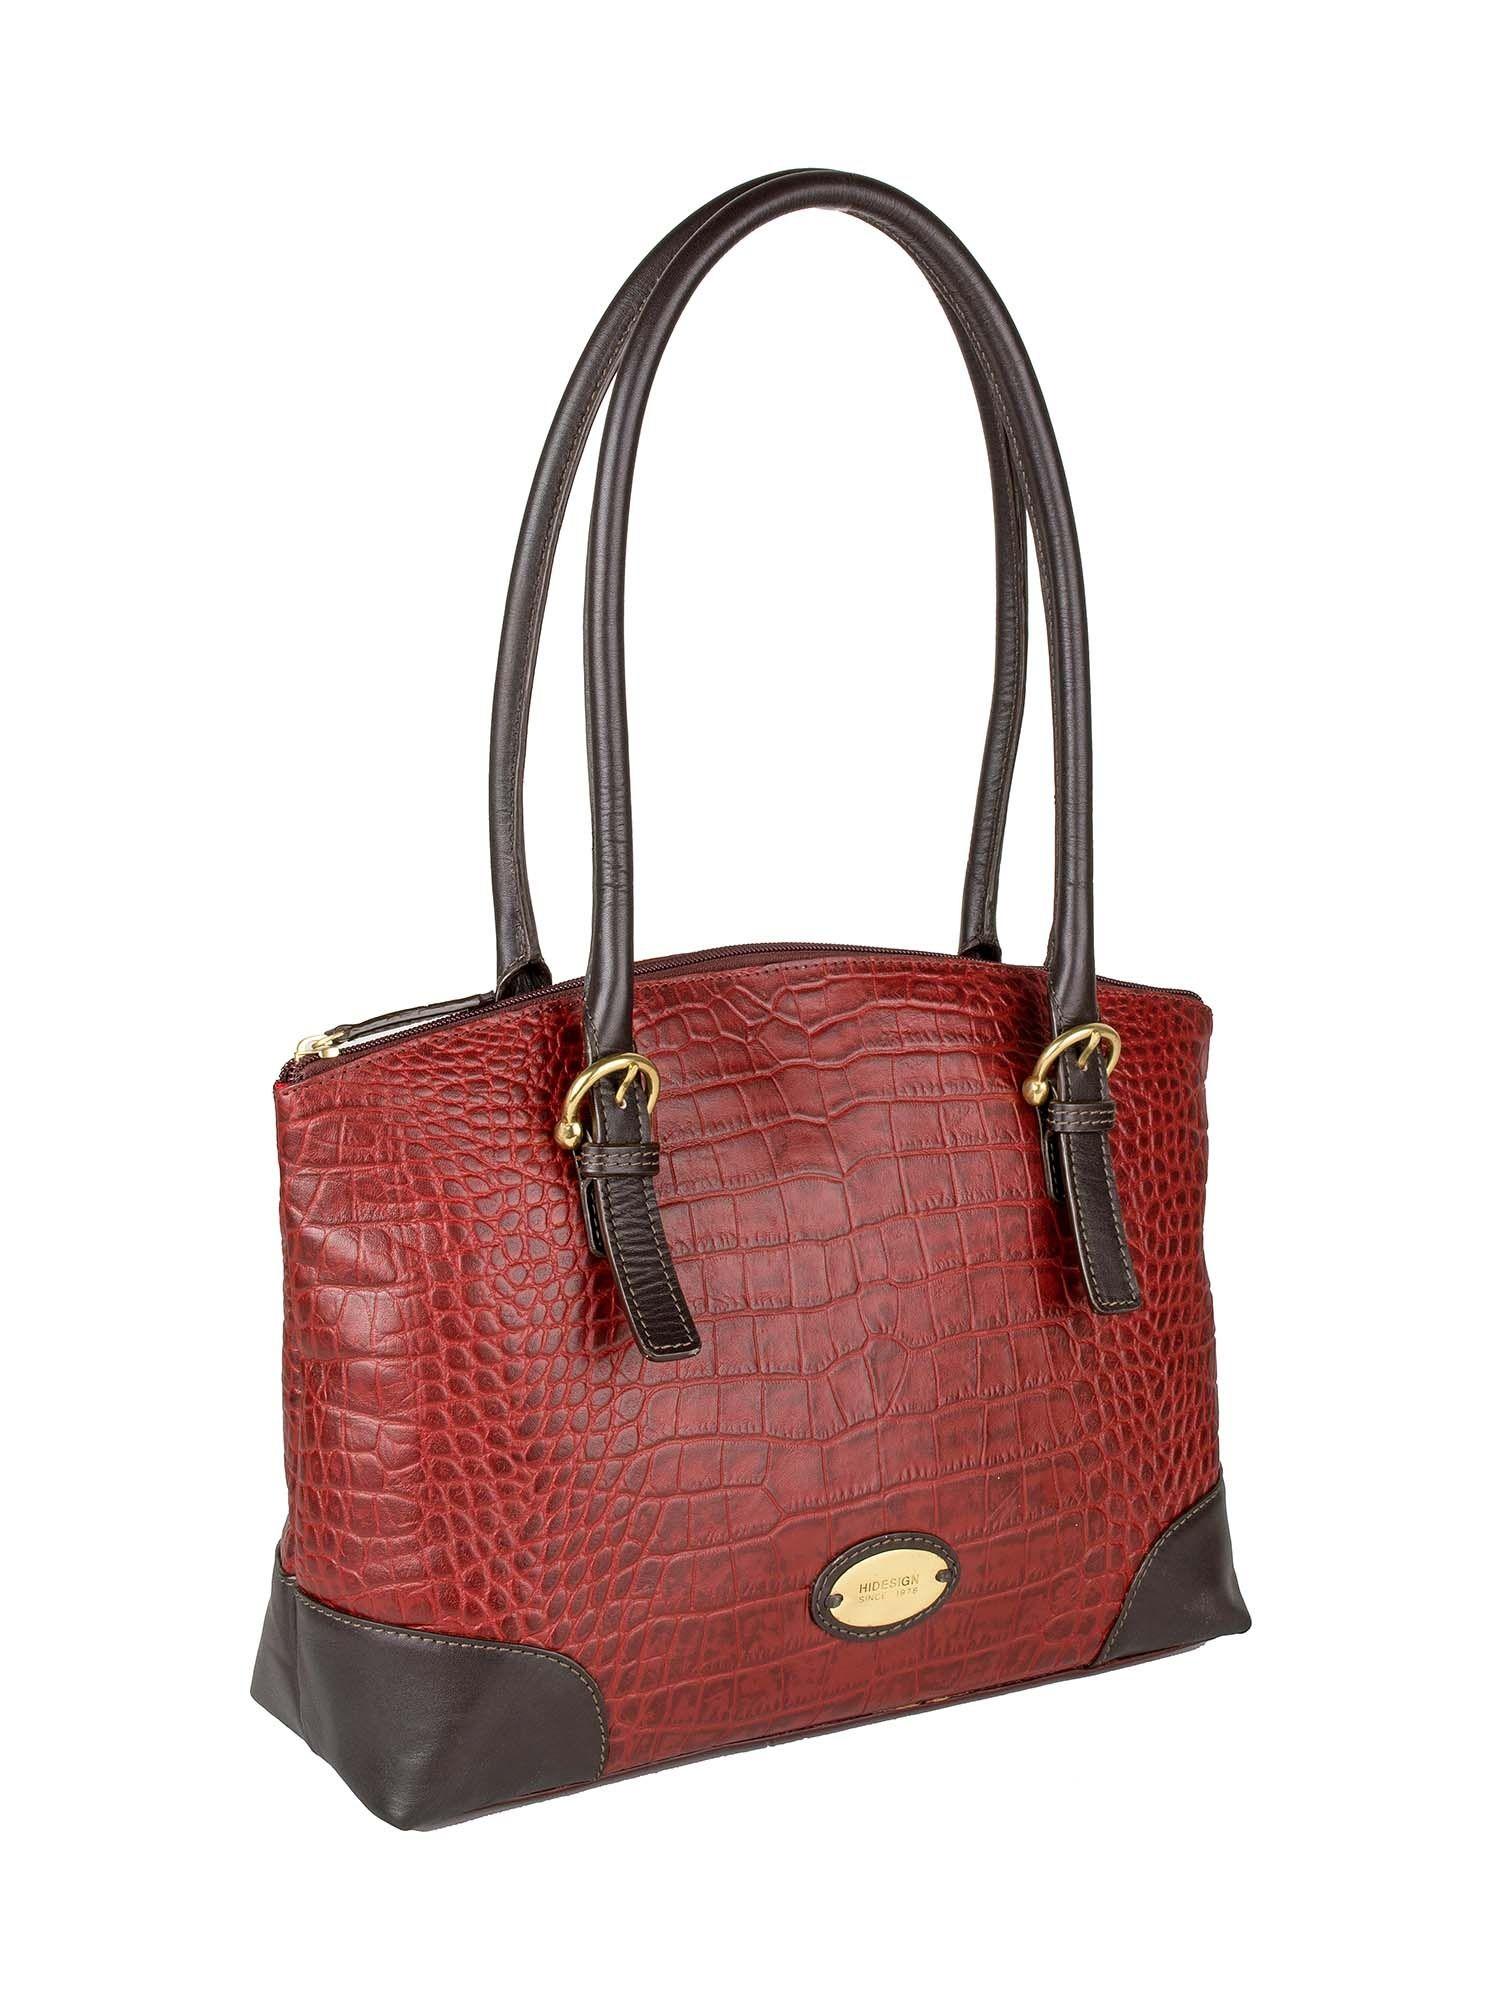 62fe852bf137 Hidesign Saturn 01 Sb Red Women's Handbag